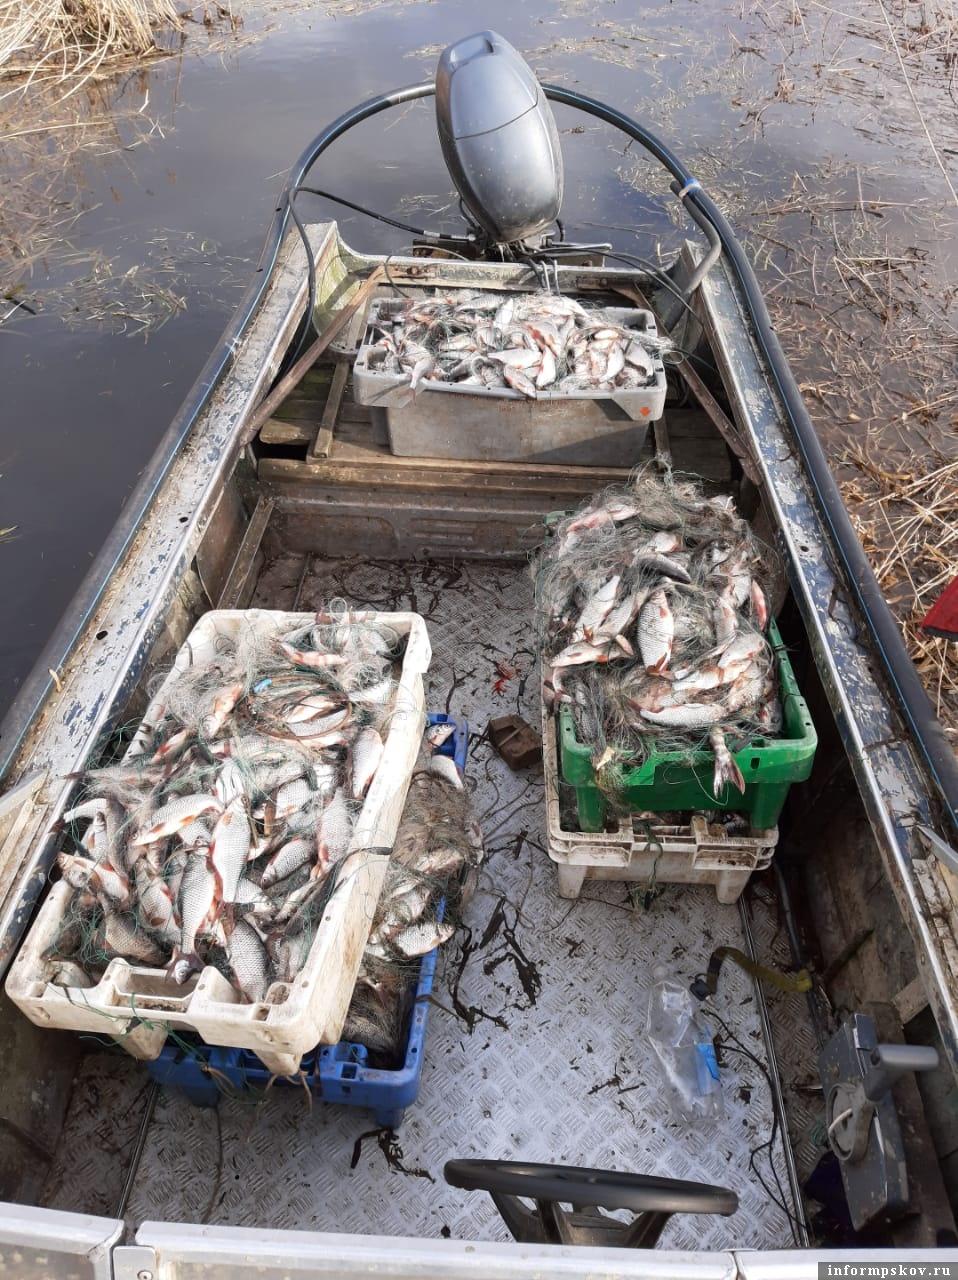 Весна 2020 года, Псковское озеро. Браконьерский улов в браконьерской лодке. Фото автора.